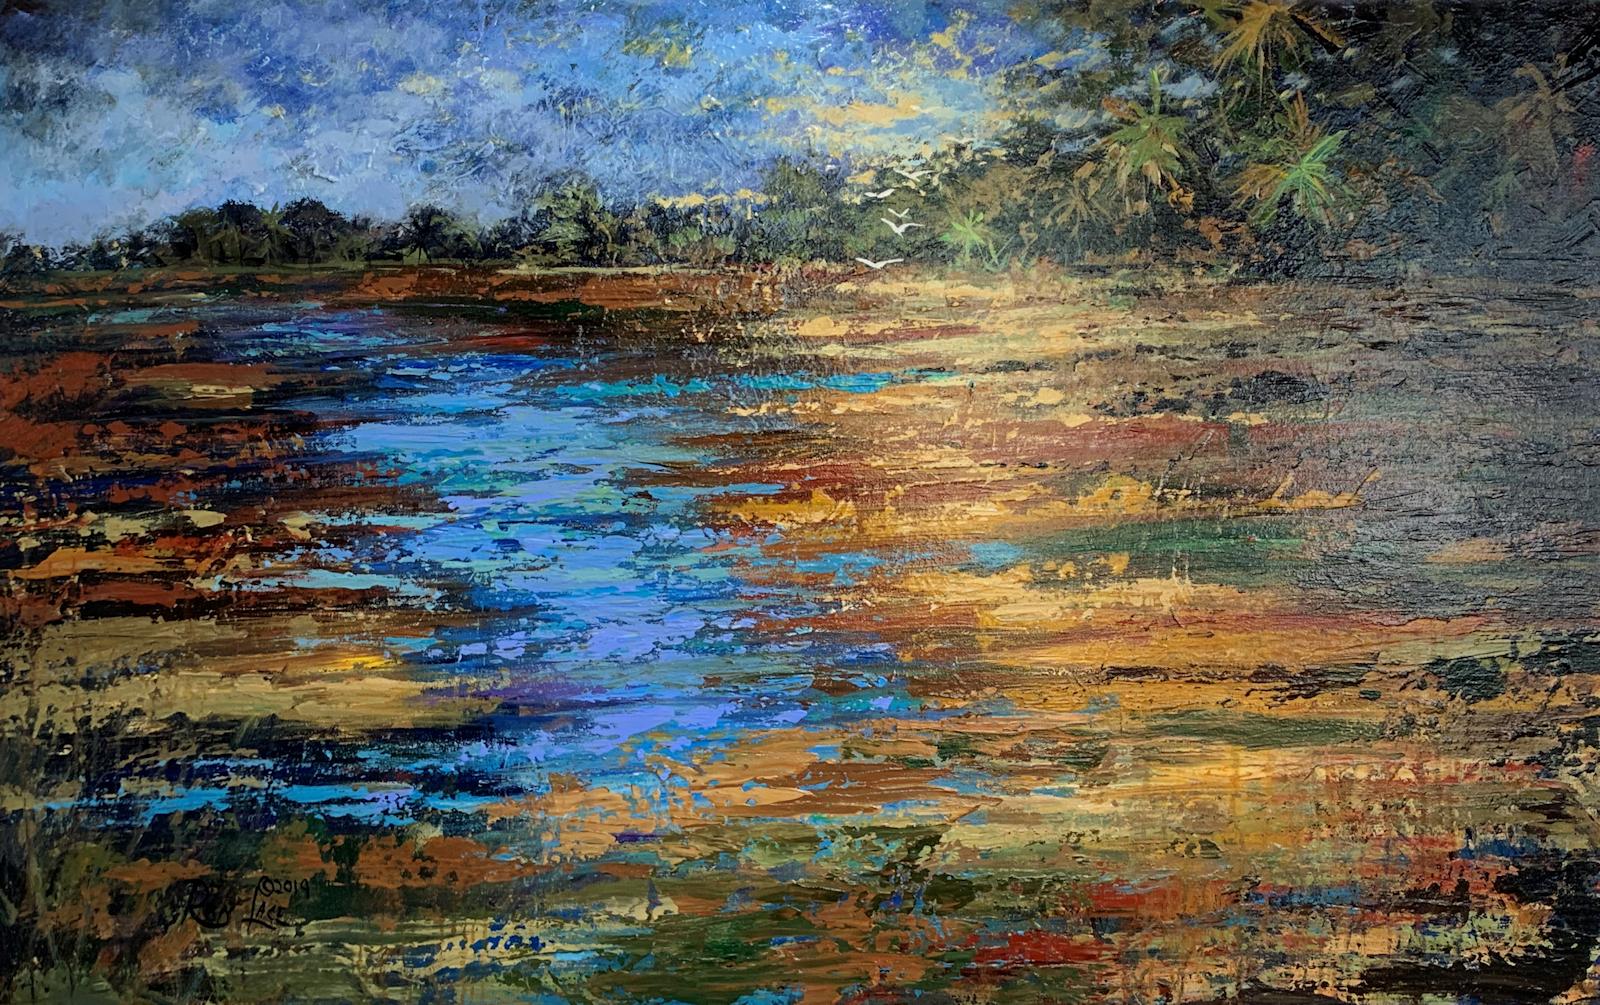 Bulow Creek 2